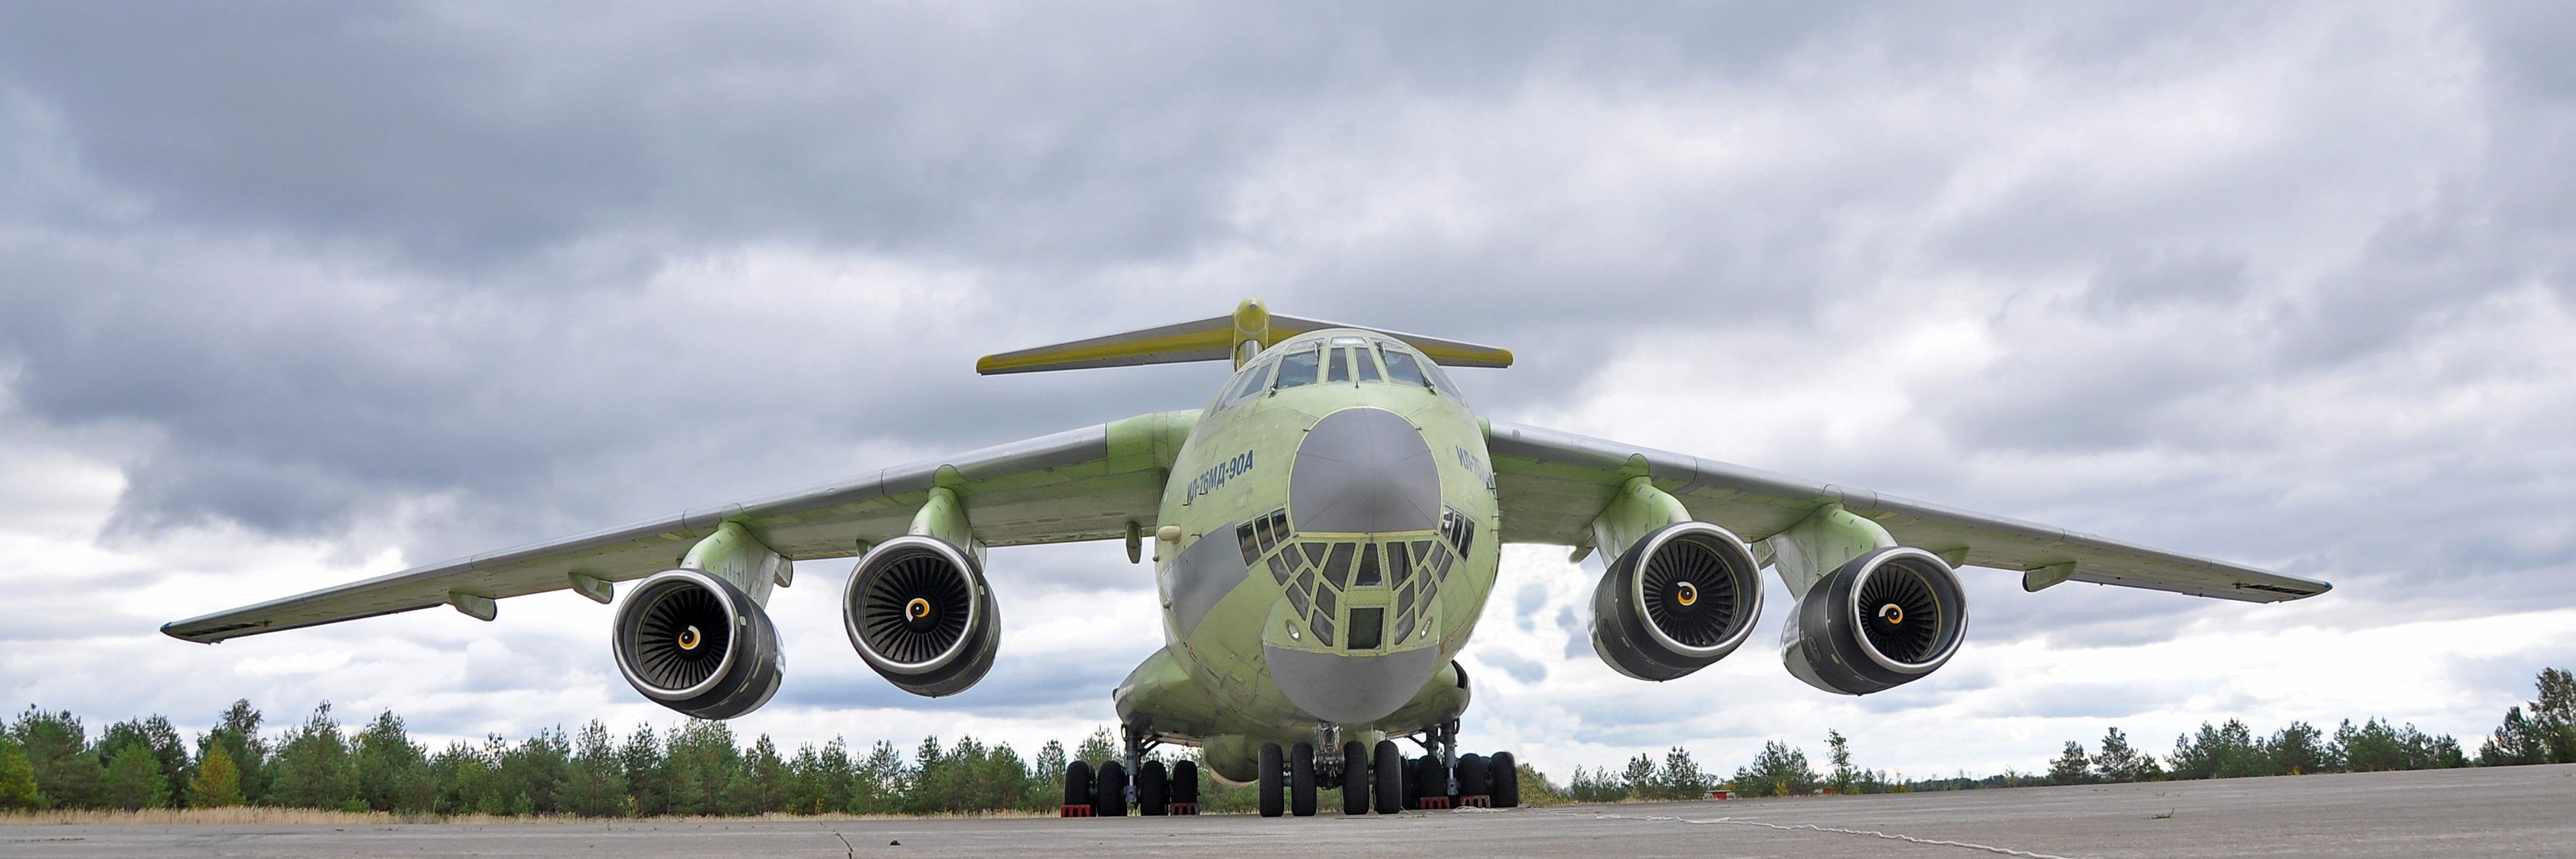 Ил-76-2